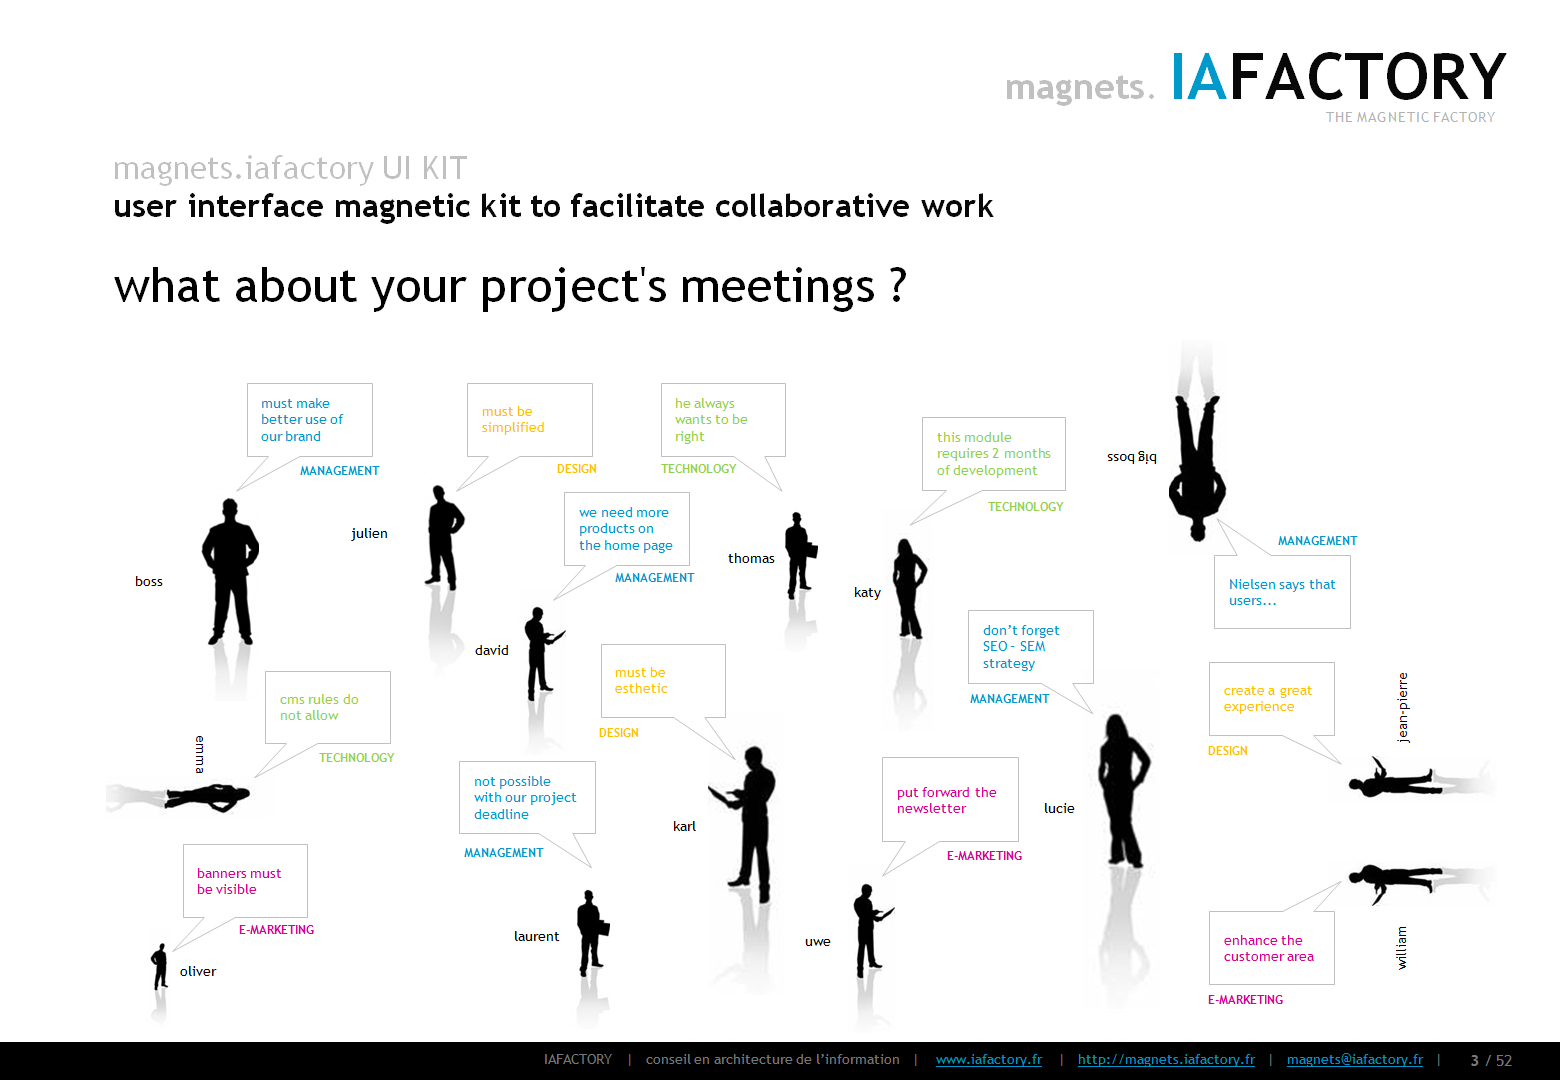 magnets.iafactory (interface utilisateur magnétique) concept 01